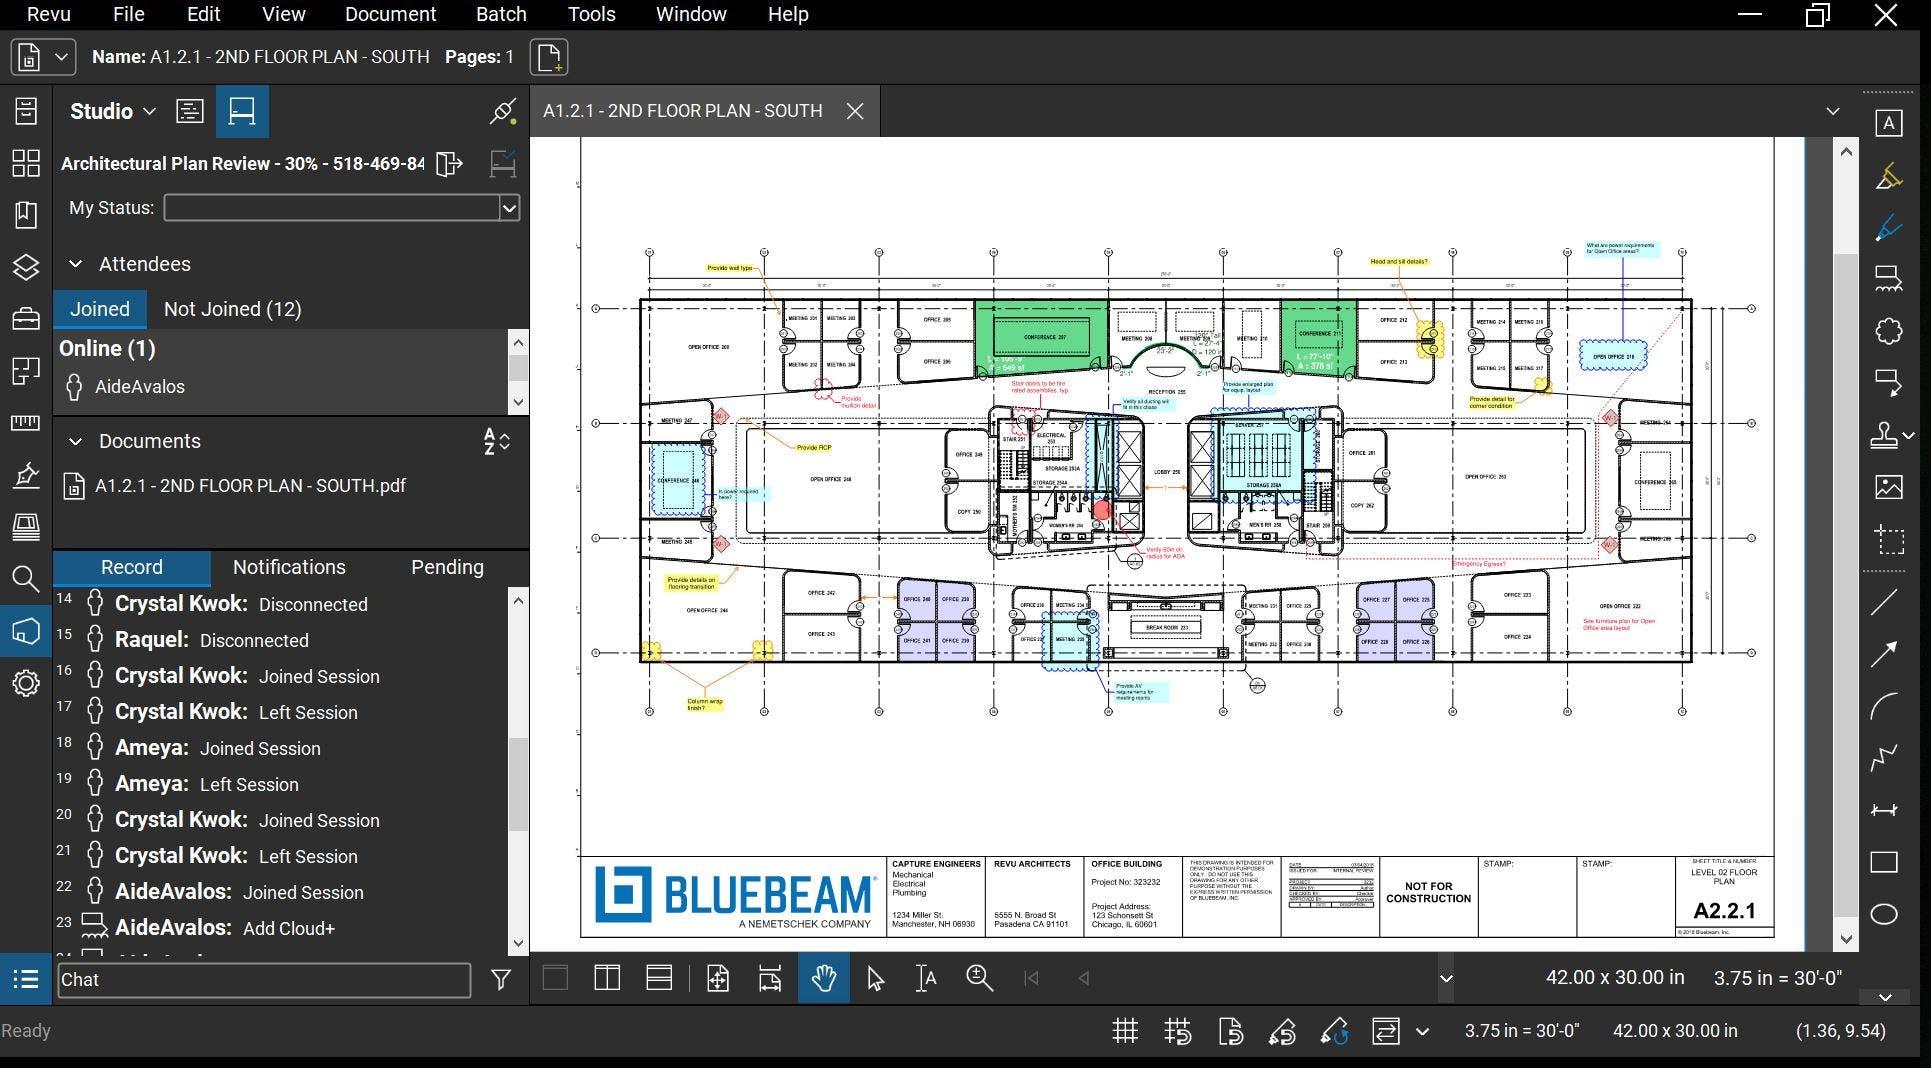 Bluebeam Revu Software - 2